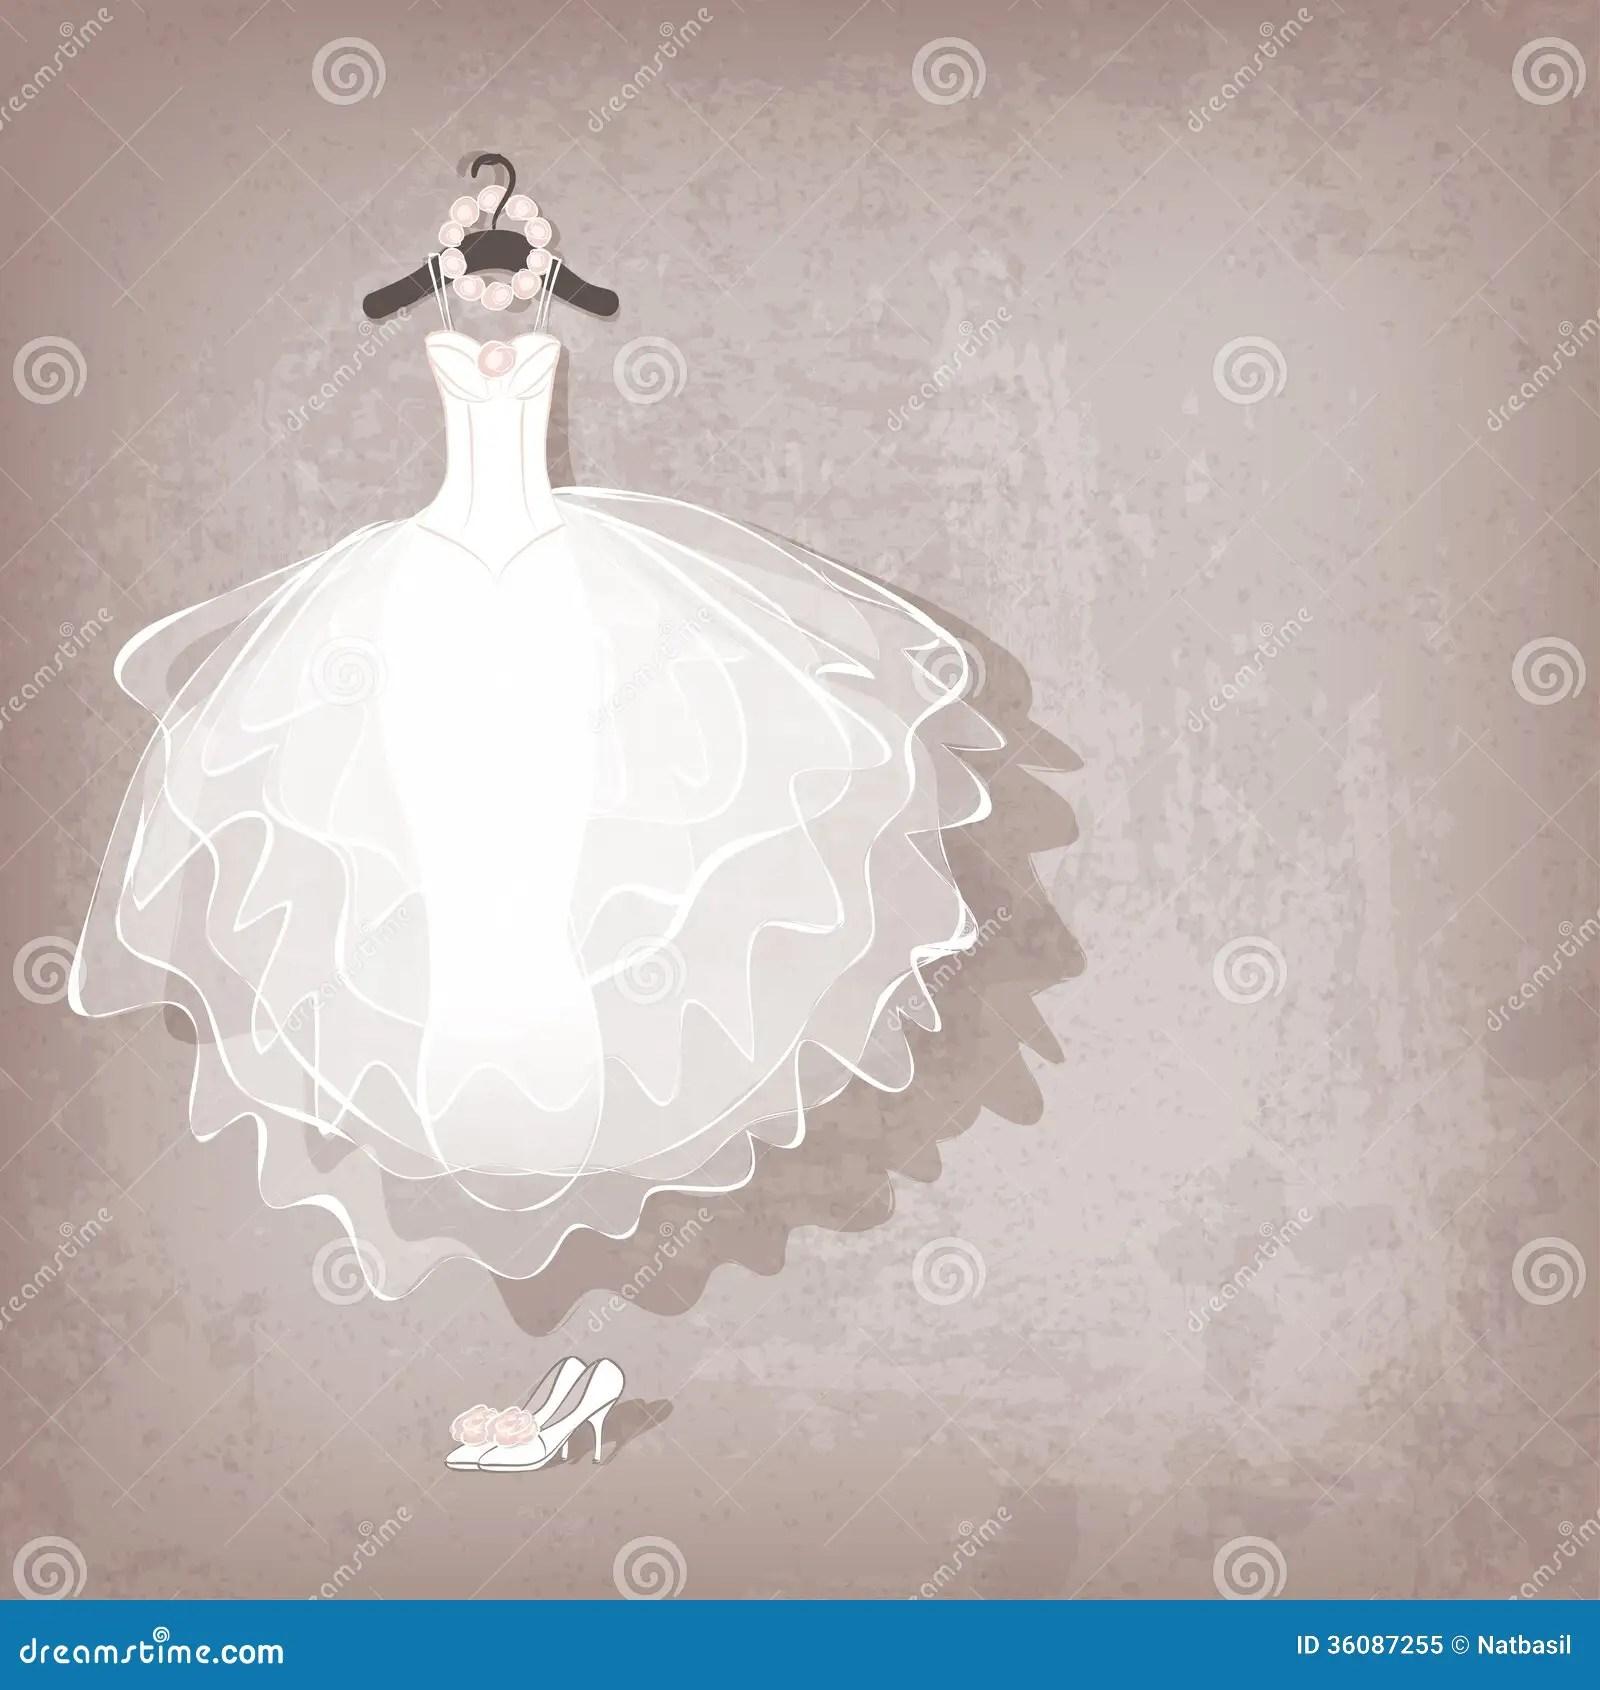 royalty free stock image wedding dress image free wedding dresses Wedding dress on grungy background Royalty Free Stock Photo